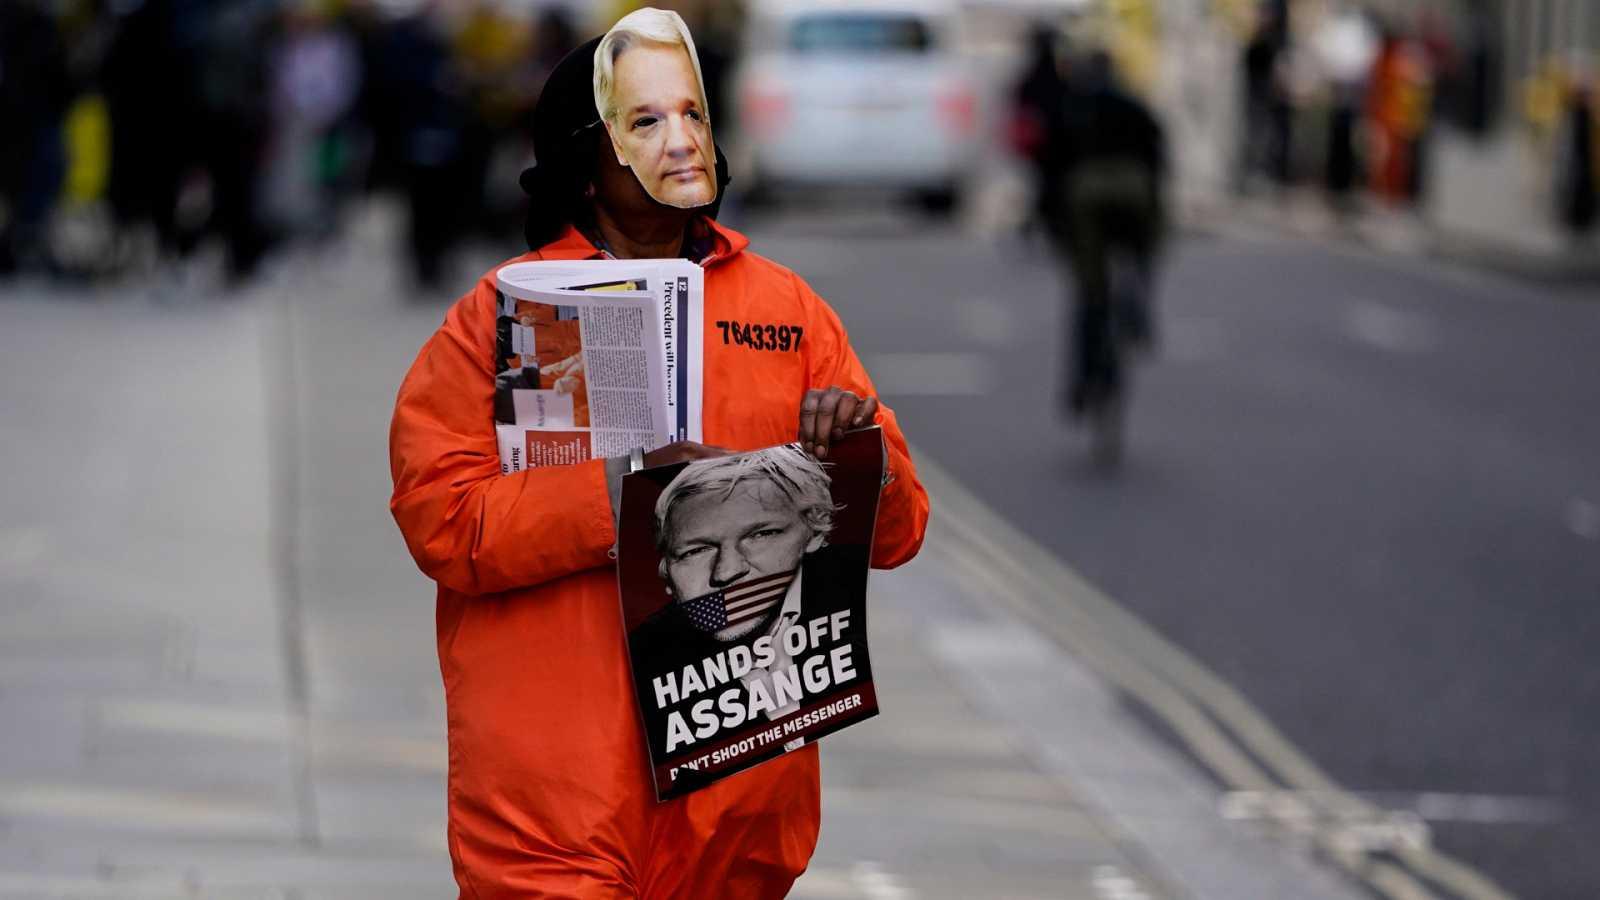 Código Crystal - Assange, el espía espiado y la guerra memética - 17/04/21 - Escuchar ahora